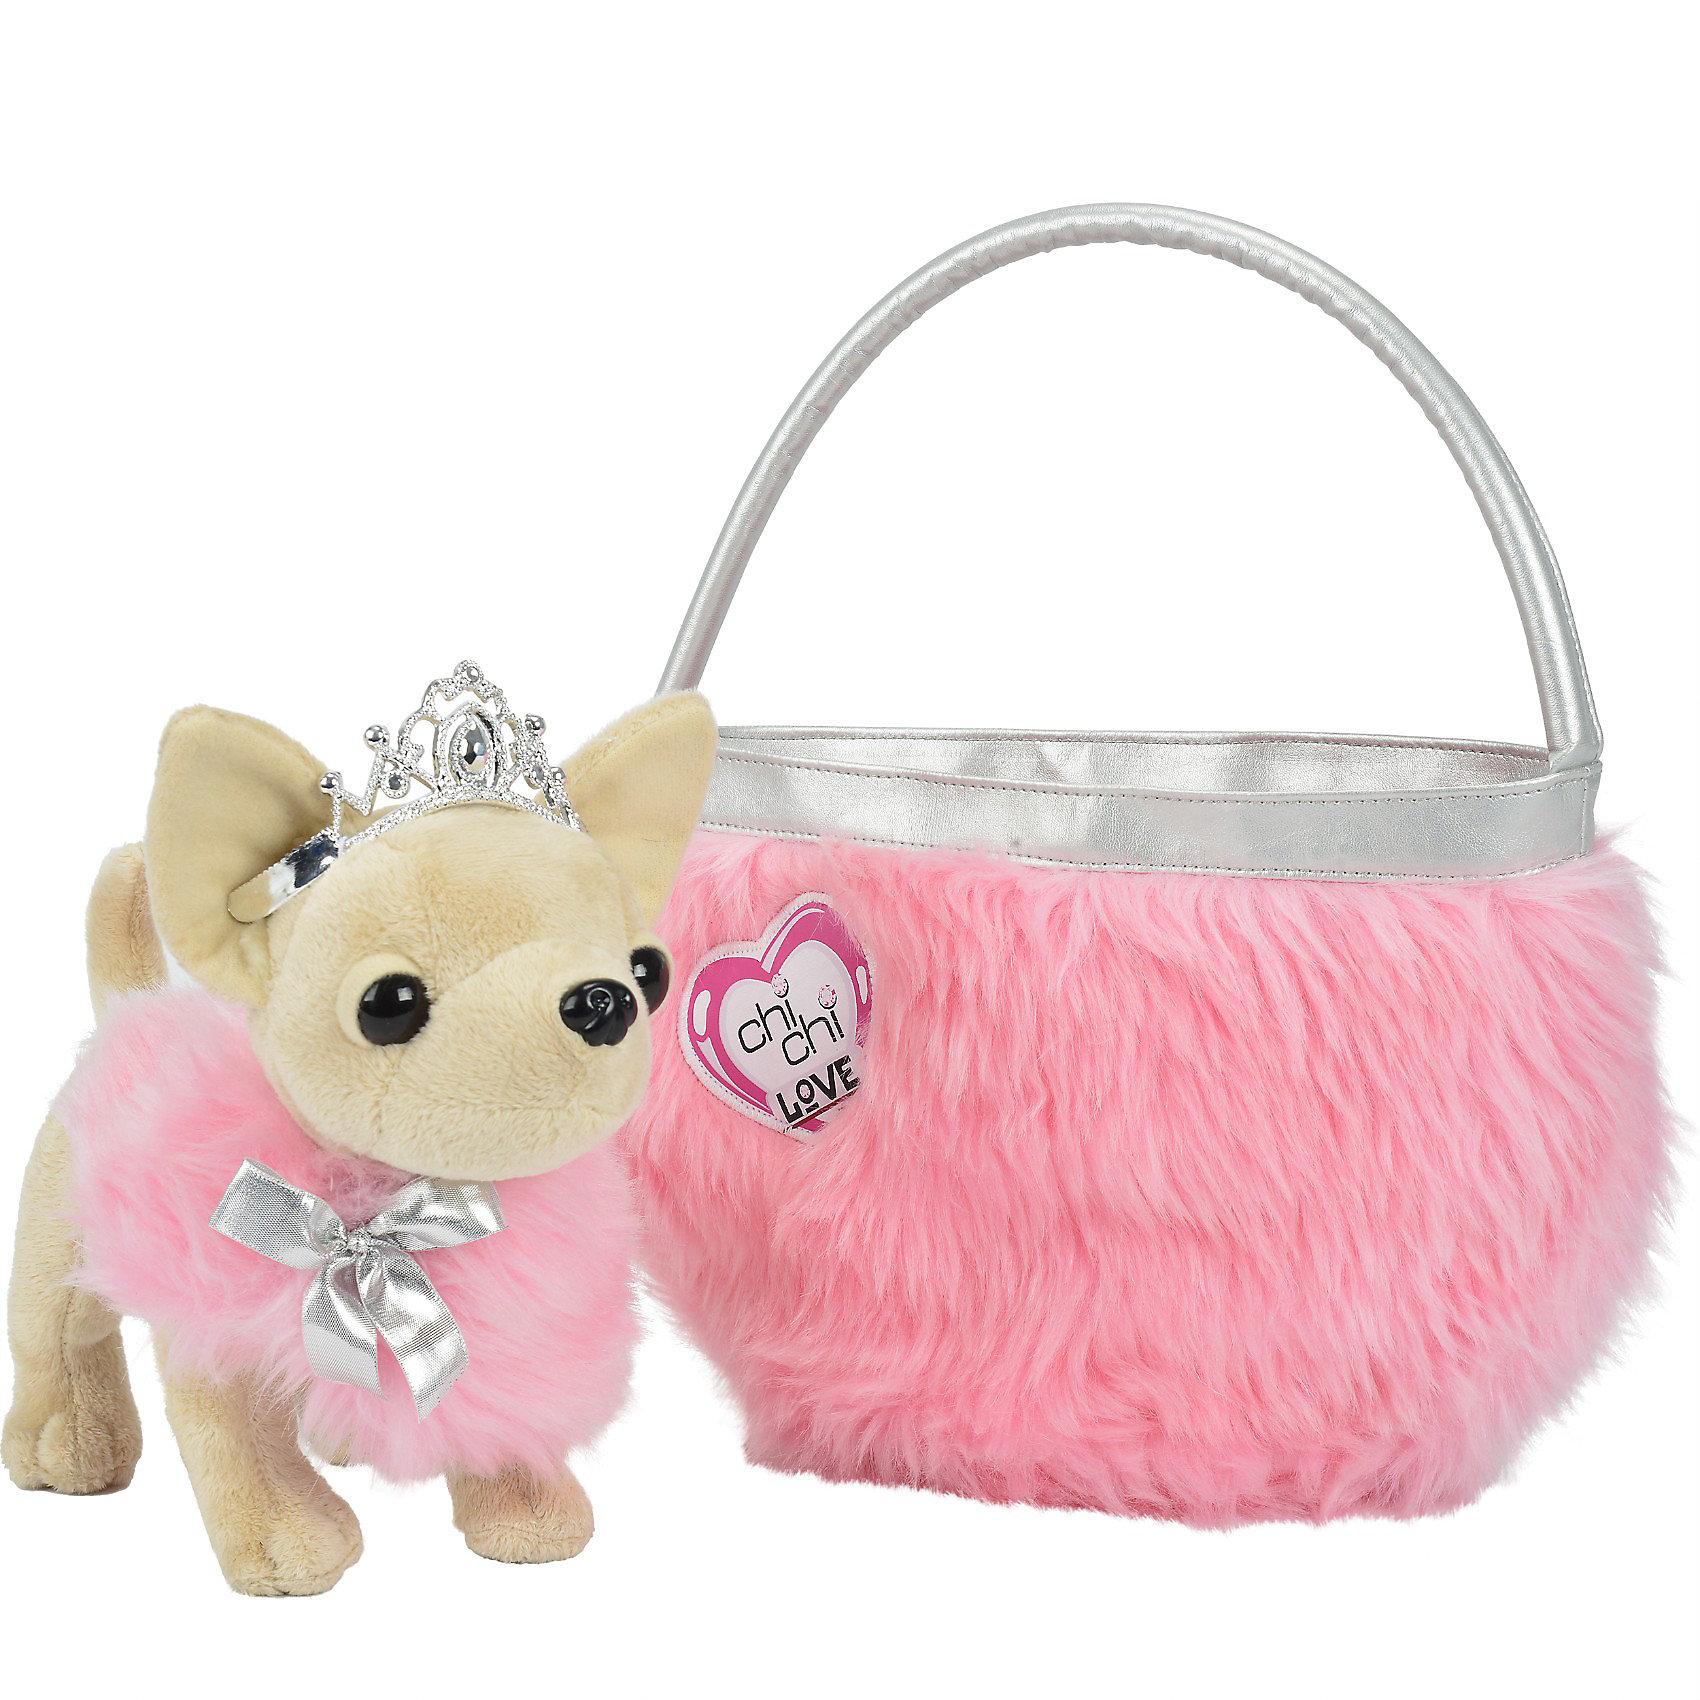 Плюшевая собачка Чихуахуа принцесса, с розовой сумкой, 20 см, SimbaКошки и собаки<br>Плюшевая собачка Чихуахуа Принцесса, лапки гнутся. В комплект входят: пушистая сумочка, накидка и диадема.<br><br>Ширина мм: 310<br>Глубина мм: 299<br>Высота мм: 175<br>Вес г: 540<br>Возраст от месяцев: 60<br>Возраст до месяцев: 96<br>Пол: Женский<br>Возраст: Детский<br>SKU: 3399827